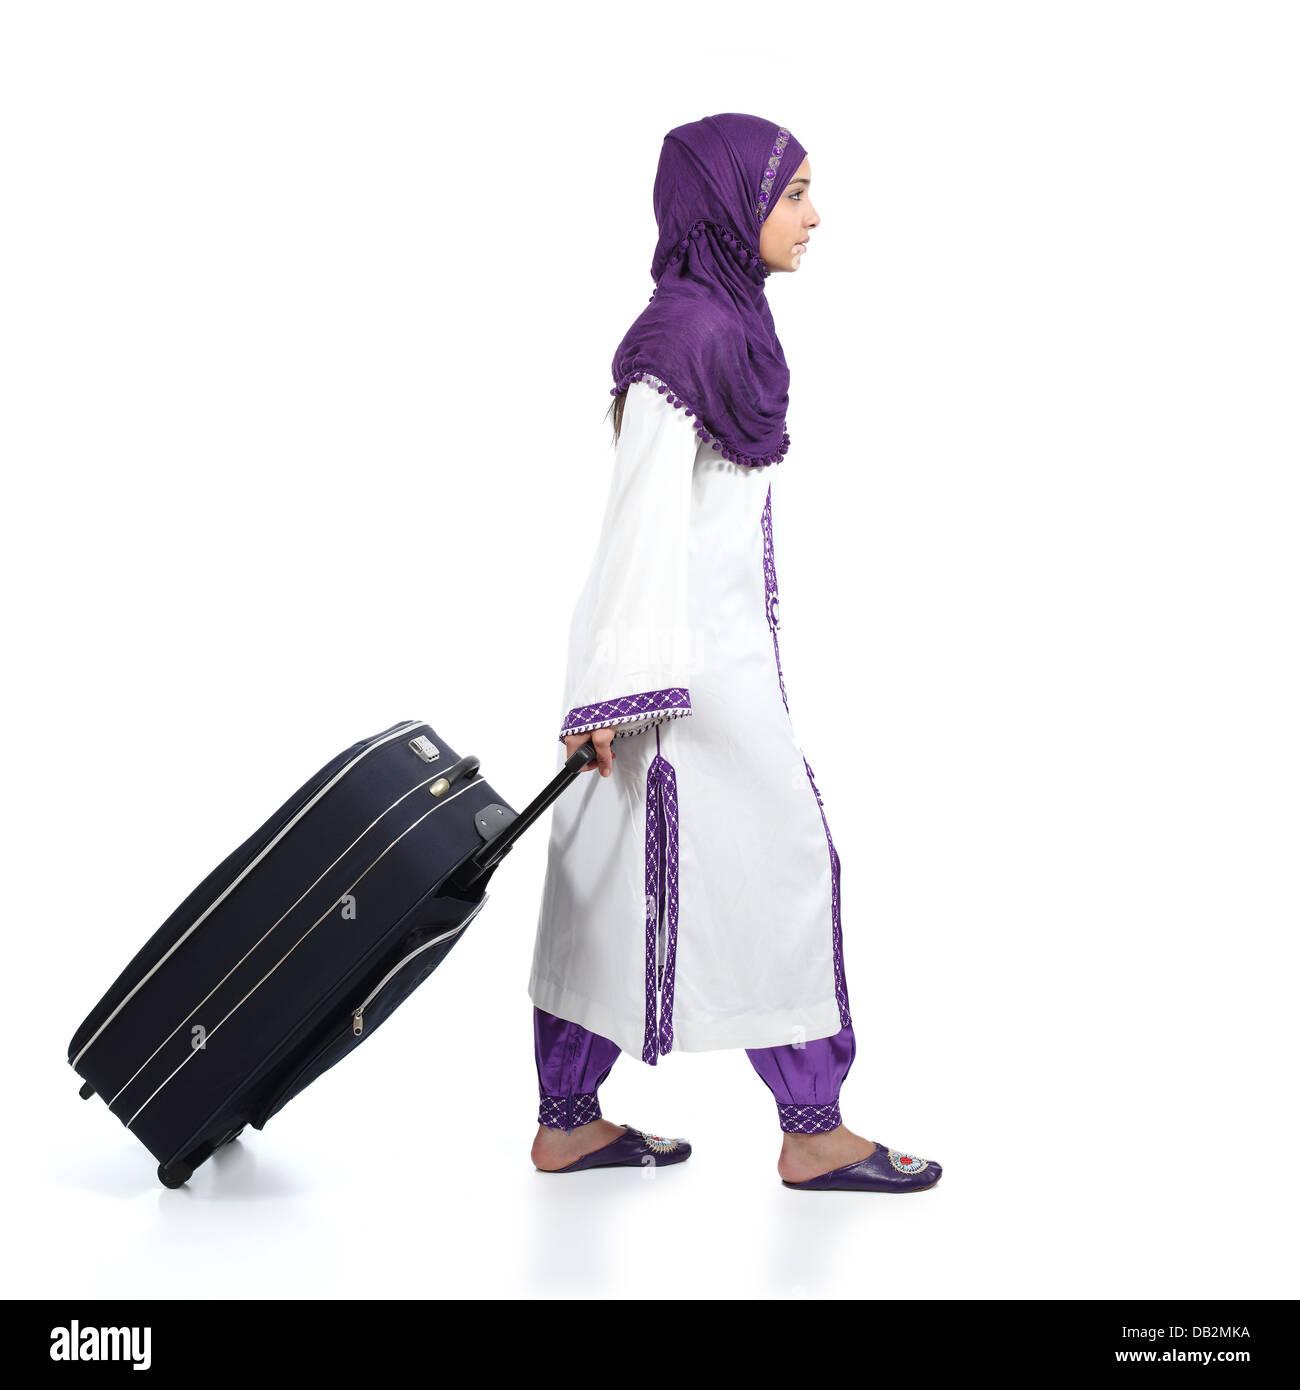 ca87d1b27d0d Profil d une femme immigrante musulmane portant un hijab walking portant  une valise isolé sur